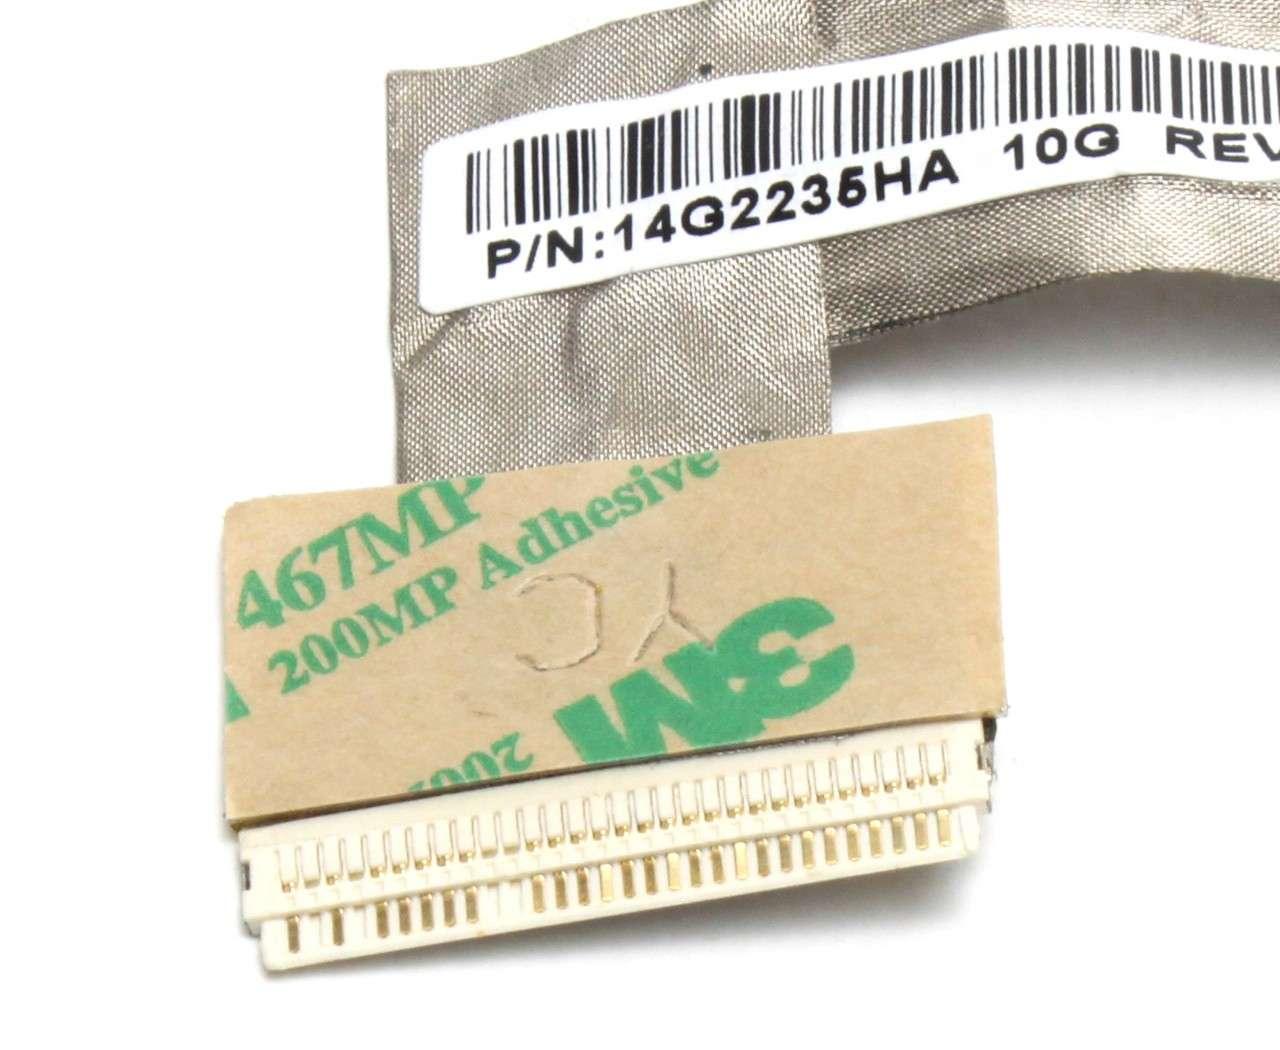 Cablu video LVDS Asus 14G2235HA CCFL imagine powerlaptop.ro 2021